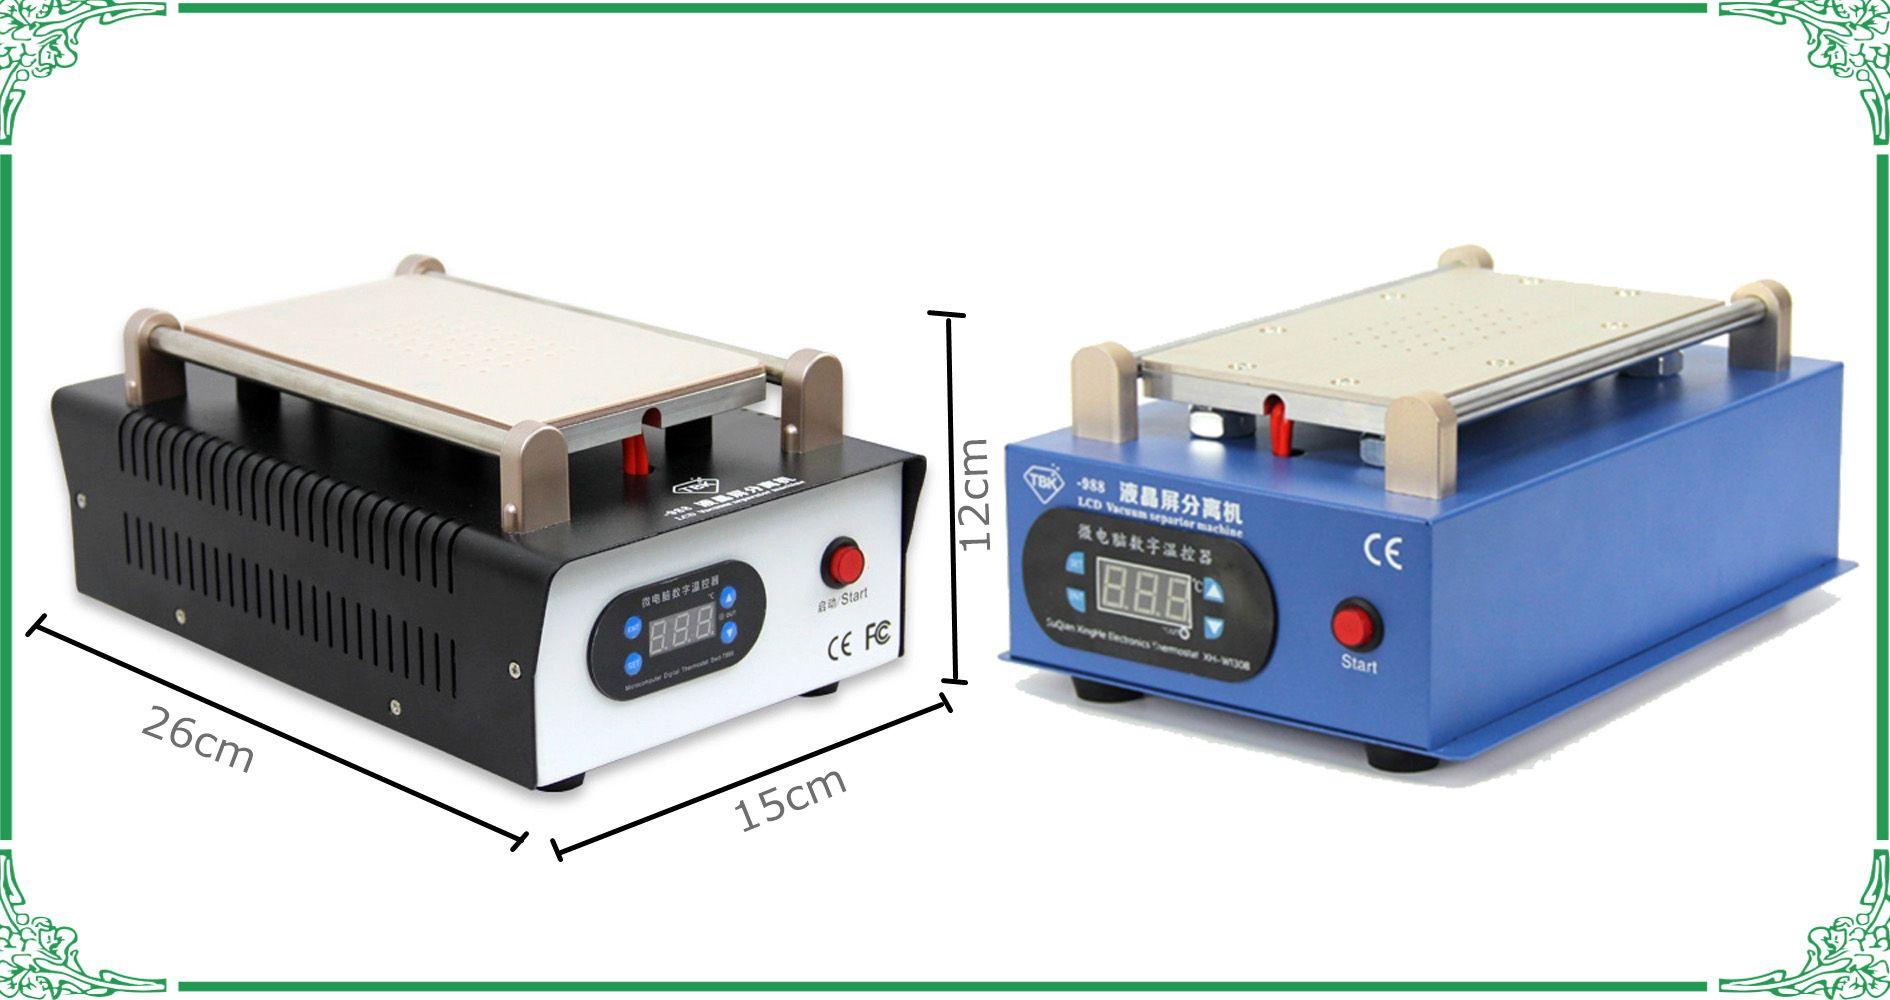 8inch vuoto LCD Separator TBK 988 touch screen cellulare separare incorporato pompa a vuoto macchina LCD ristrutturazione